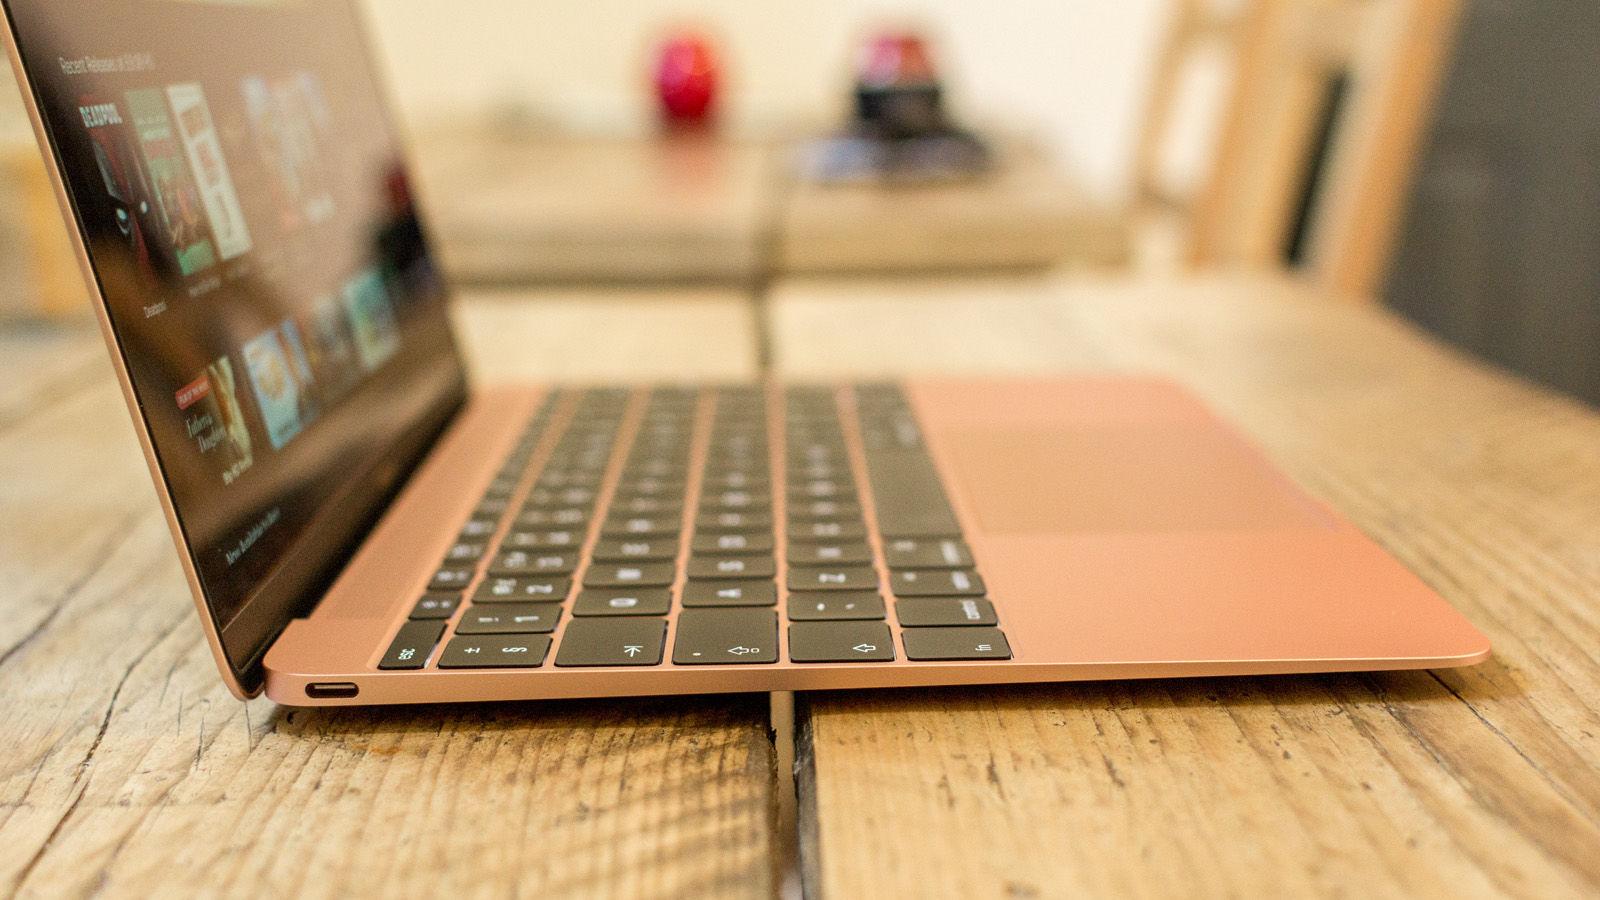 Puertos de MacBook